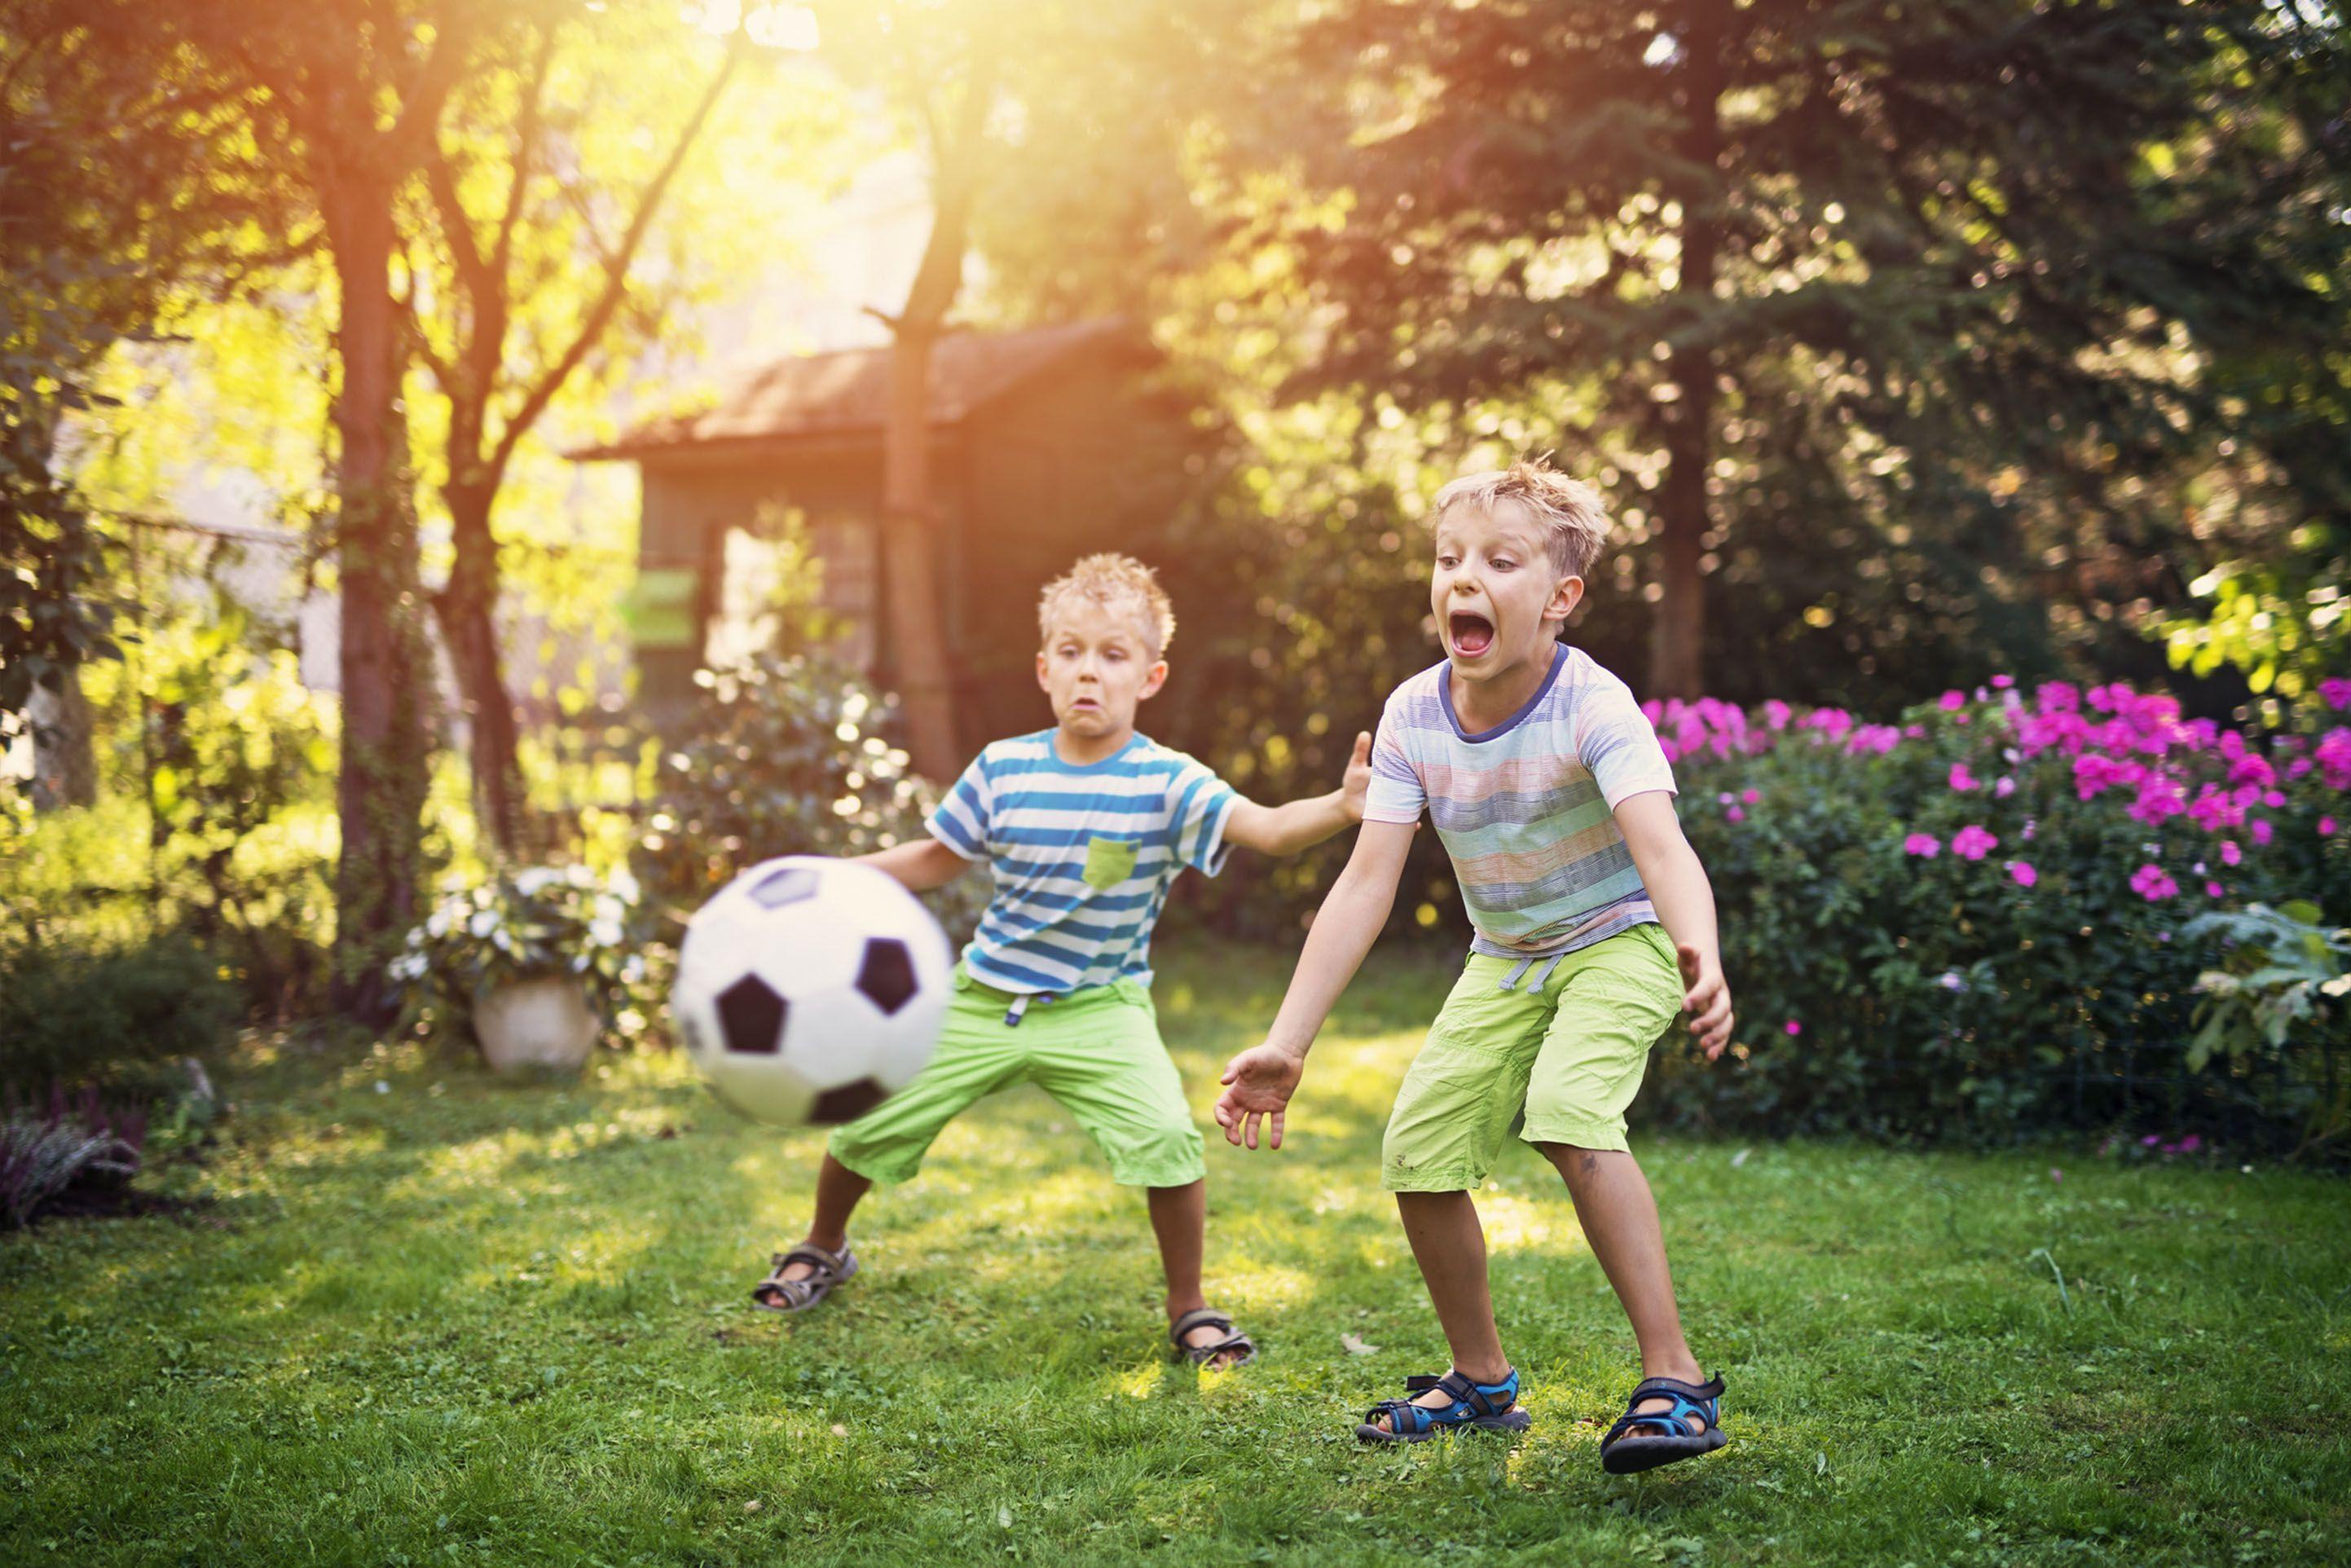 Le sport réduit les risques de dépression chez les jeunes garçons